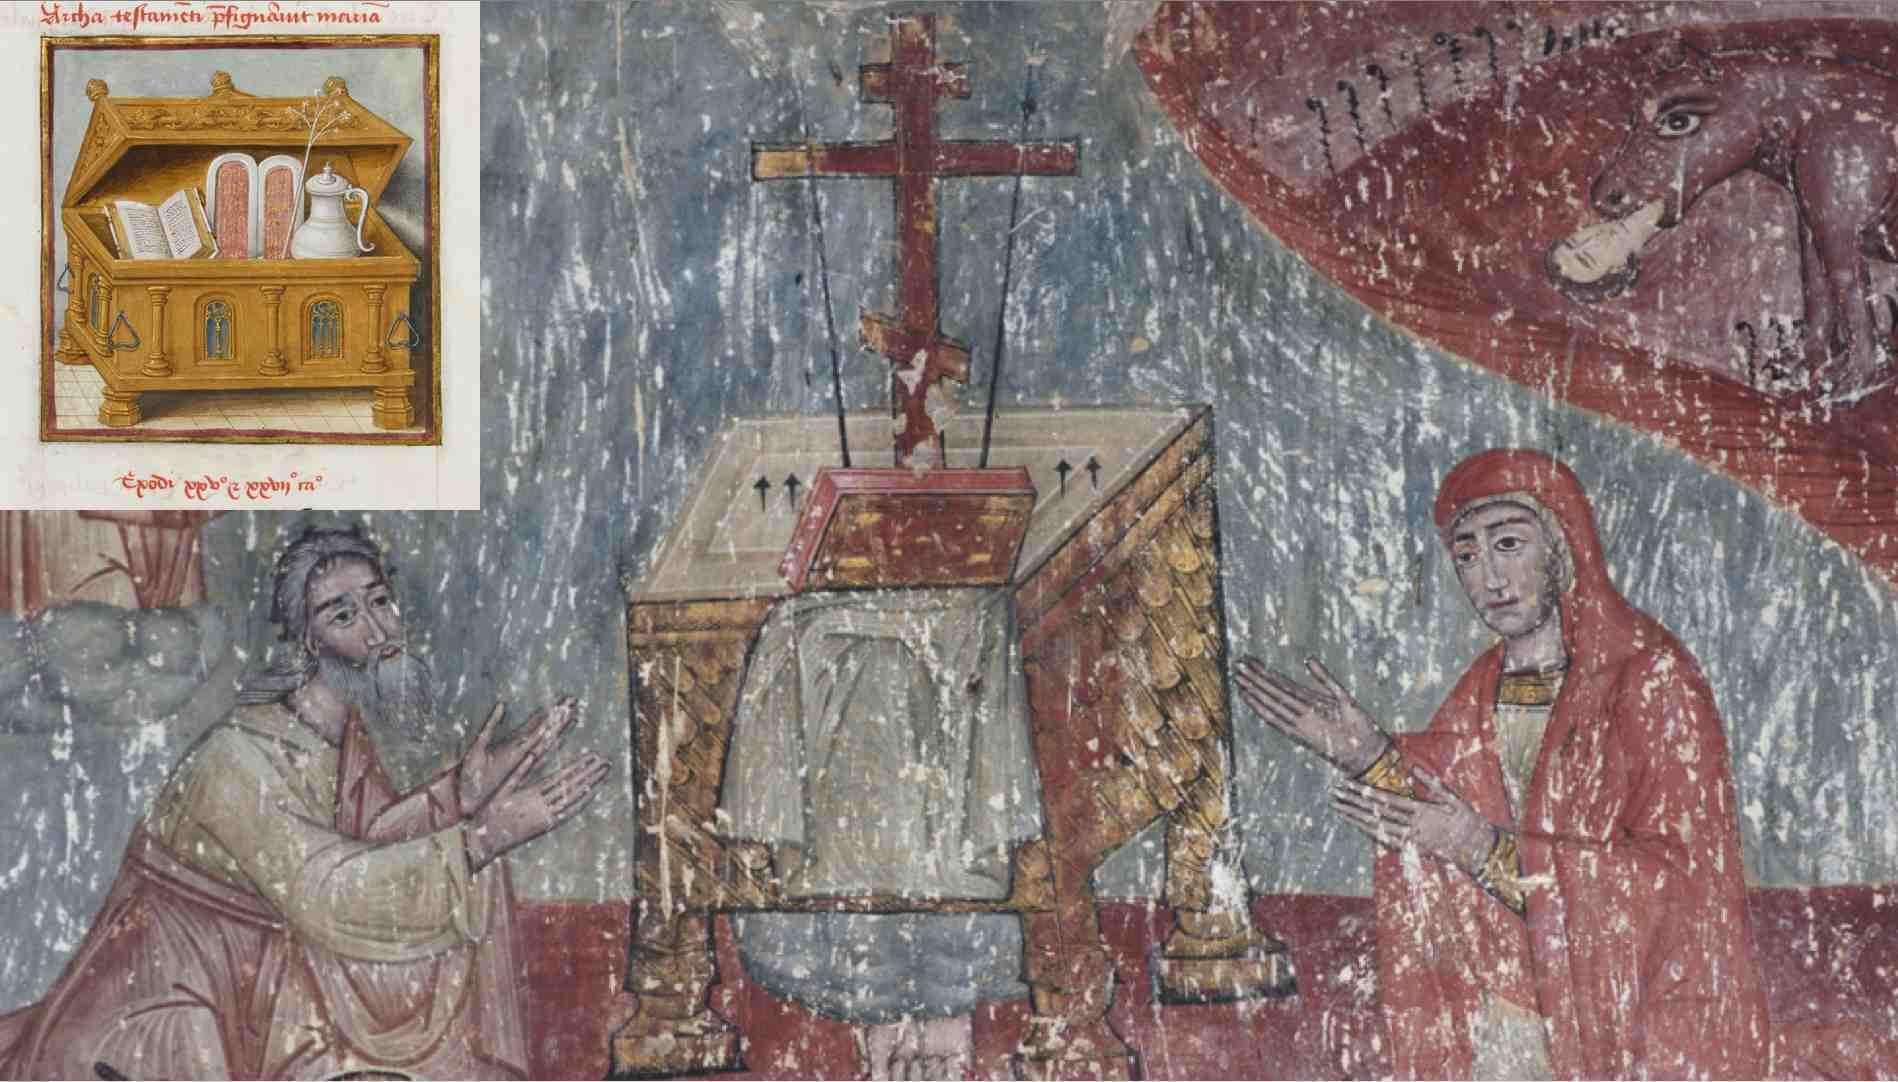 ark-and-etimasia-william-henry